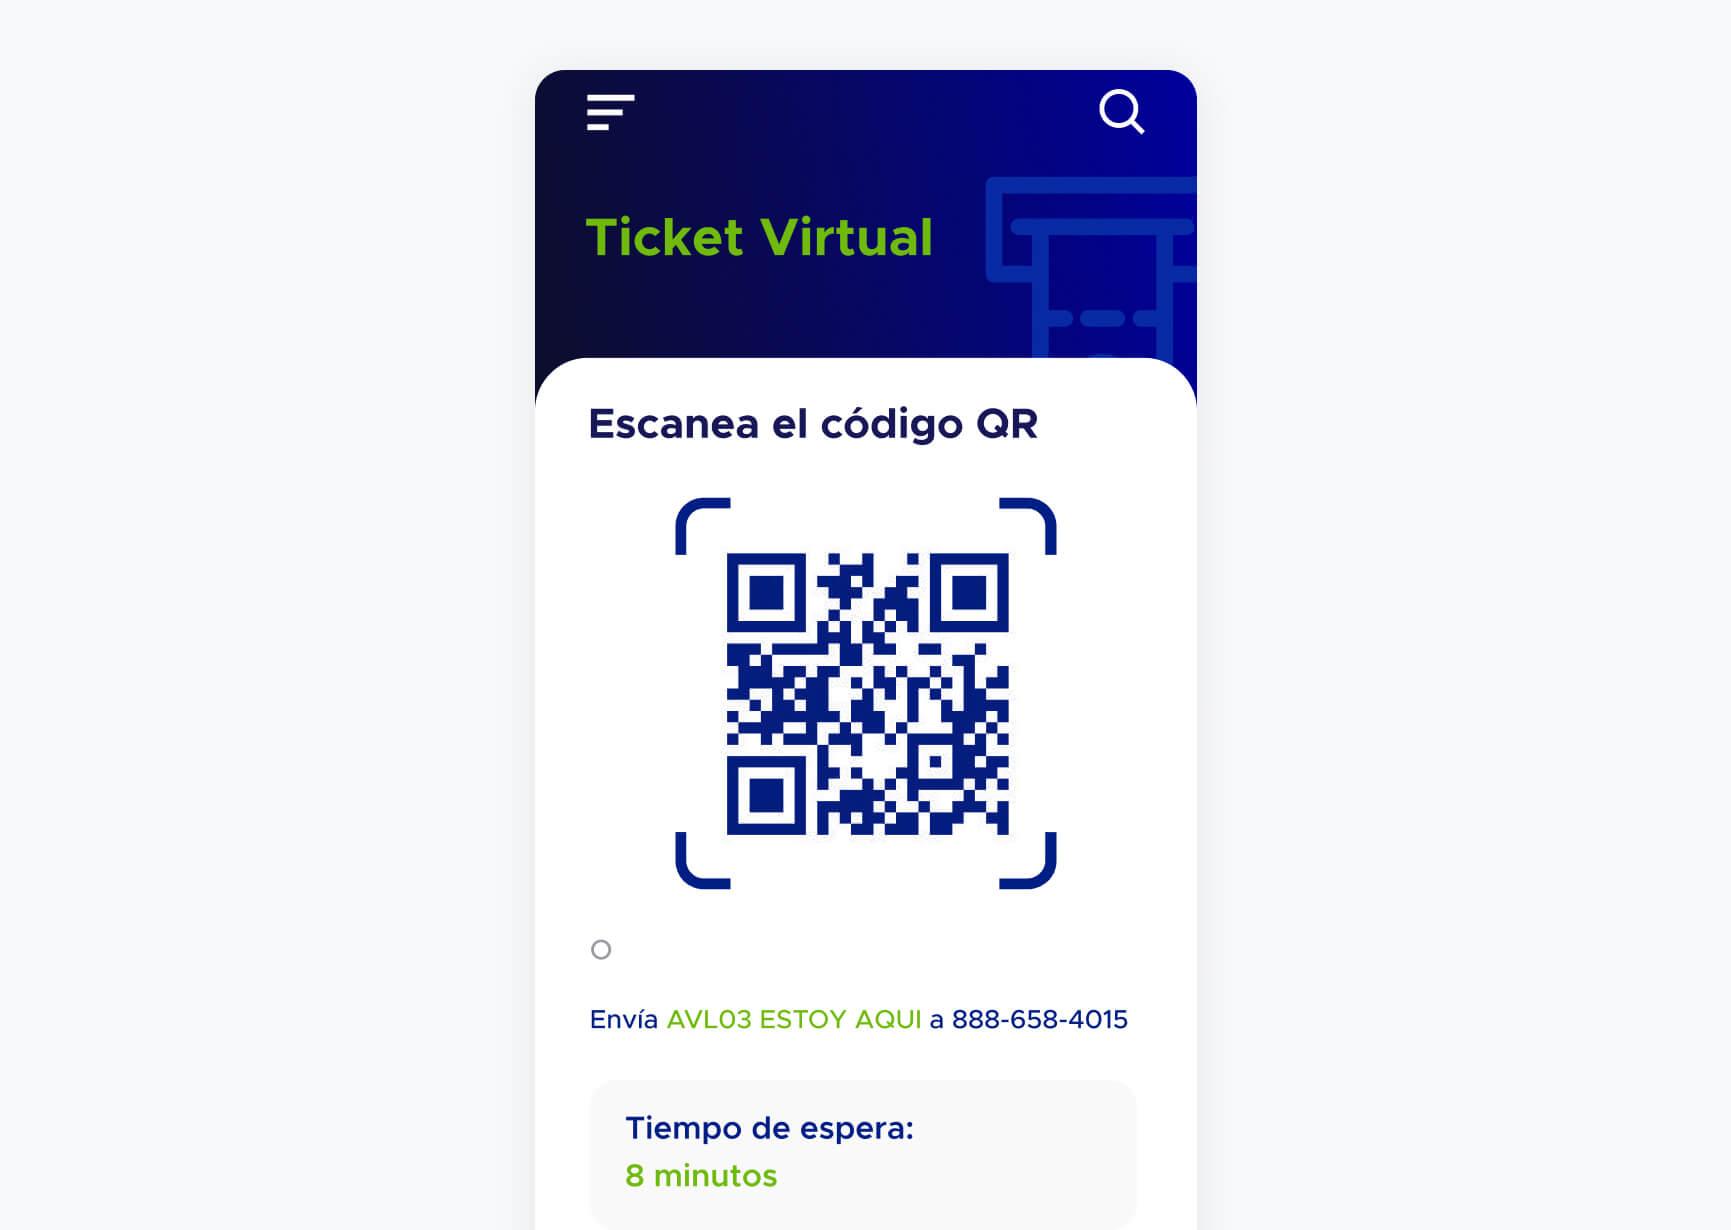 Pantalla de ticket virtual con un código QR